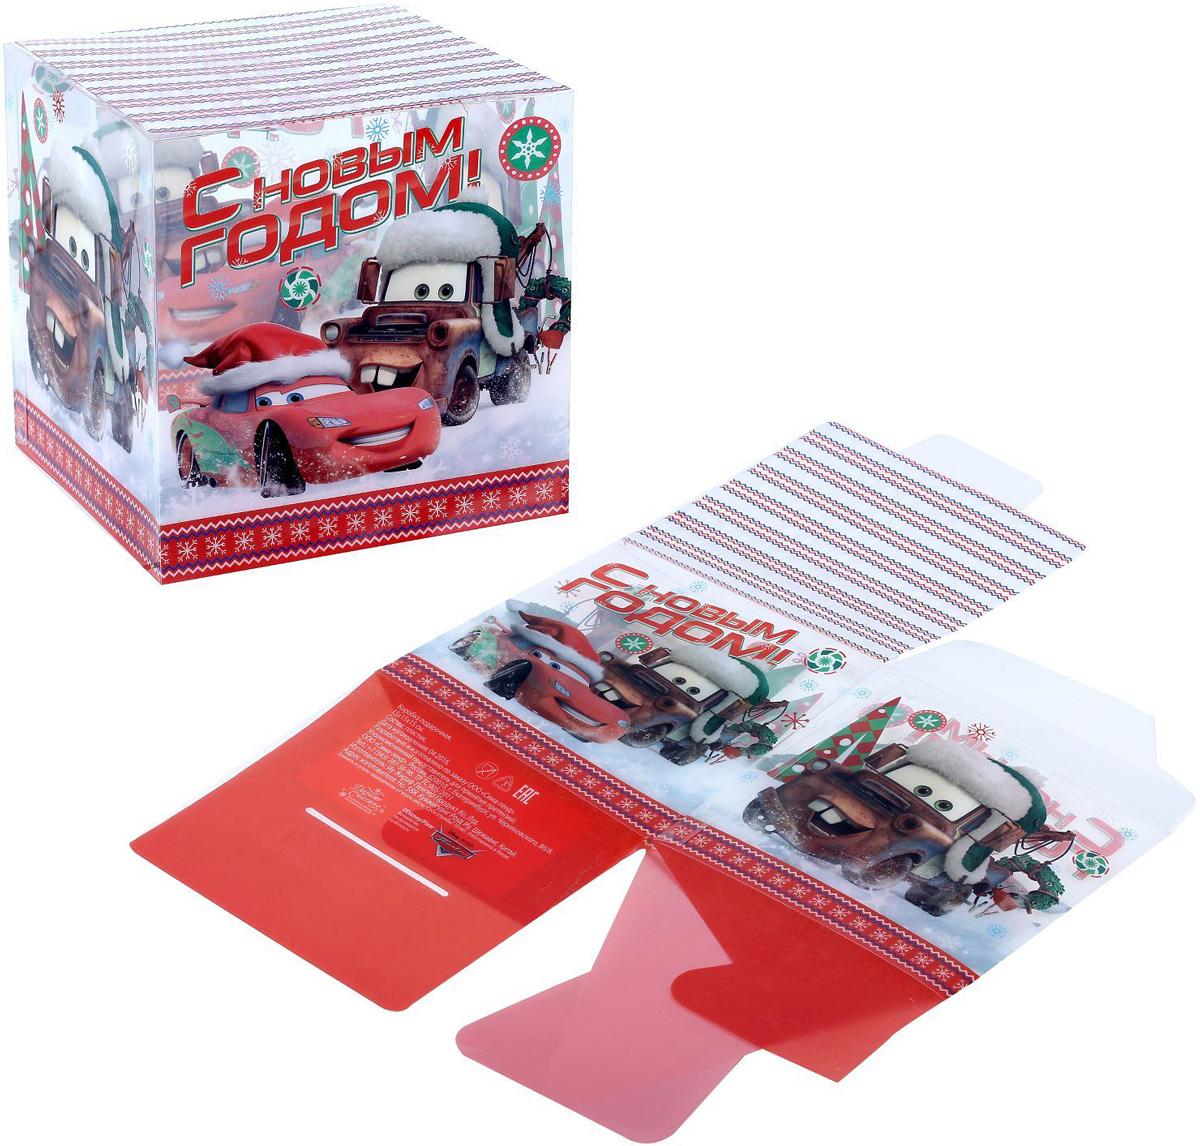 Коробка складная Disney С Новым Годом! Тачки, 15 х 15 х 15 см1426876Коробка складная Disney С Новым Годом! Тачки выполнена из пластика. Любой подарок начинается с упаковки. Что может быть трогательнее и волшебнее, чем ритуал разворачивания полученного презента. И именно оригинальная, со вкусом выбранная упаковка выделит ваш подарок из массы других. Она продемонстрирует самые теплые чувства к виновнику торжества и создаст сказочную атмосферу праздника. Размер коробки в сложенном виде: 15 х 15 х 15 см.